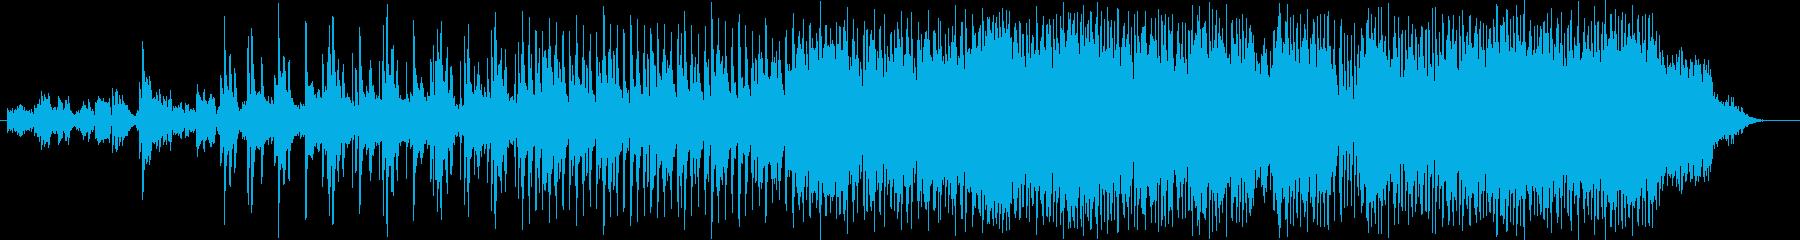 激しくかっこいいエレクトリックロックの再生済みの波形